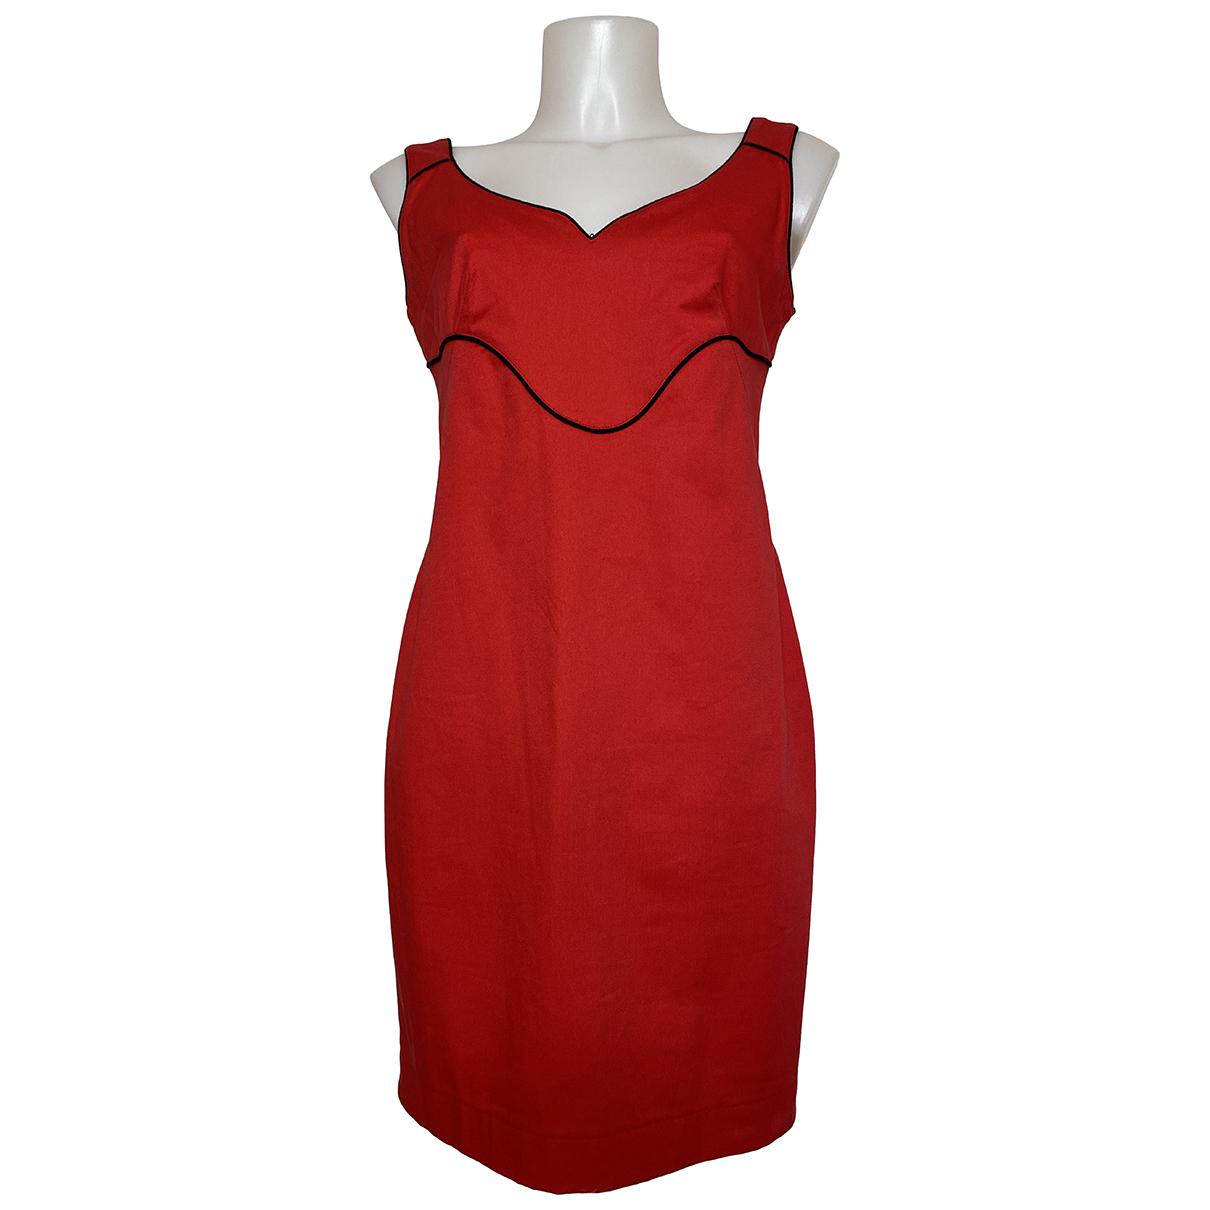 Alexander Mcqueen \N Kleid in  Rot Baumwolle - Elasthan